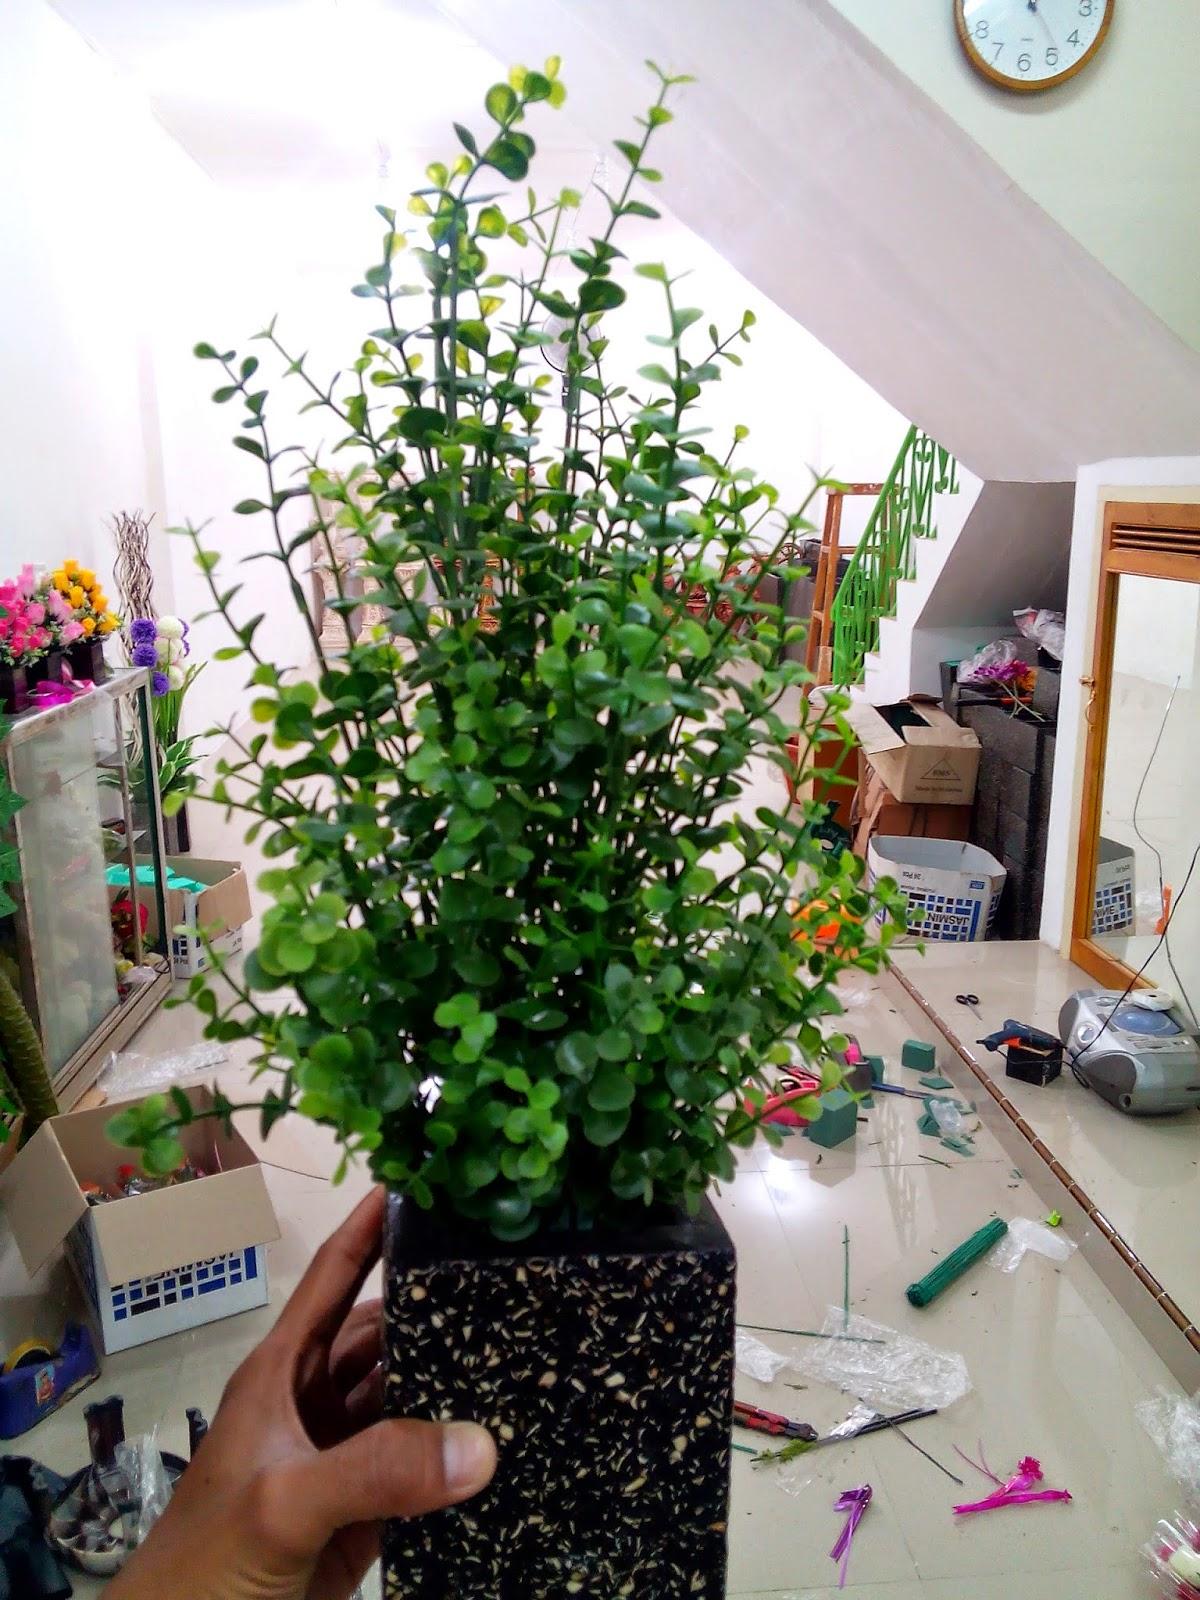 Terahir Tentu Saja Vas Bunga Bisa Juga Menggunakan Pot Yg Terbuat Dari Kayu Atau Merupakan Media Untuk Menampung Yang Akan Di Rangkai